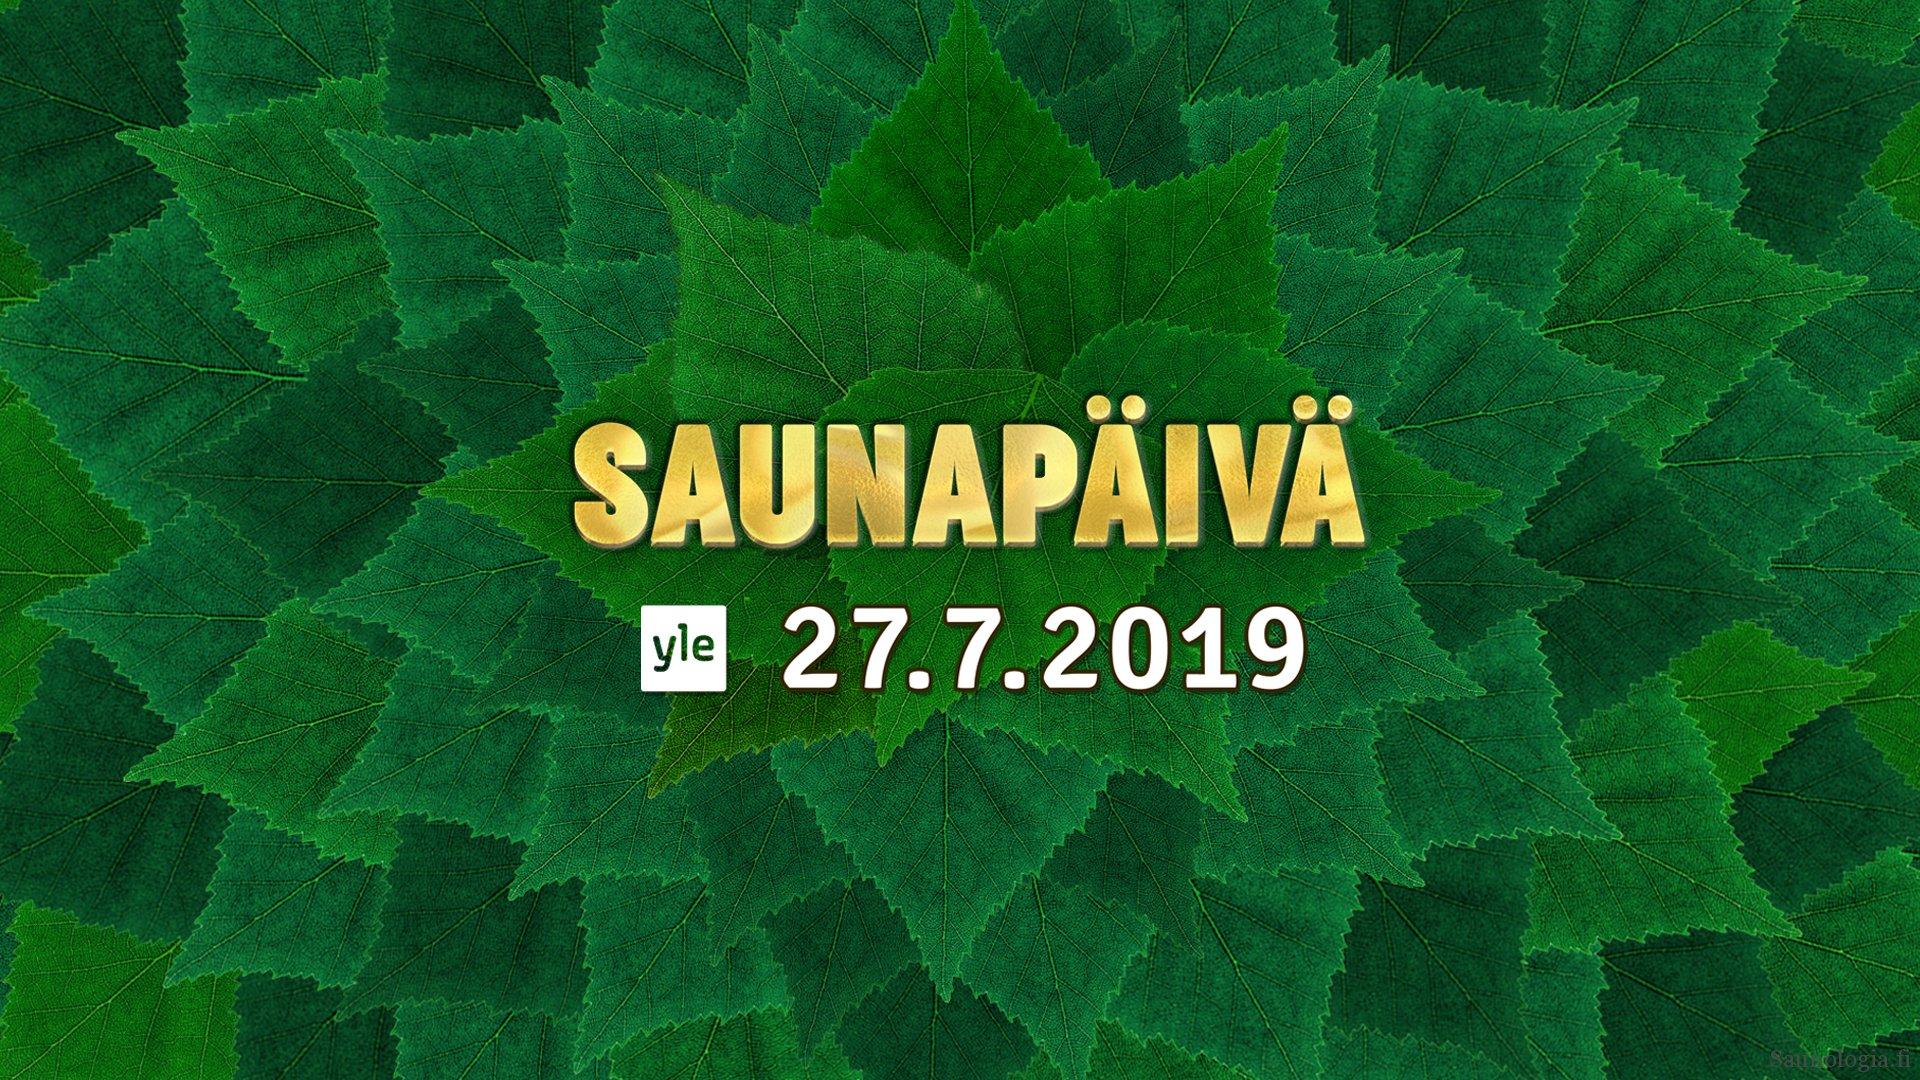 Lauantaina 27.7.19 ainutlaatuinen Saunapäivä